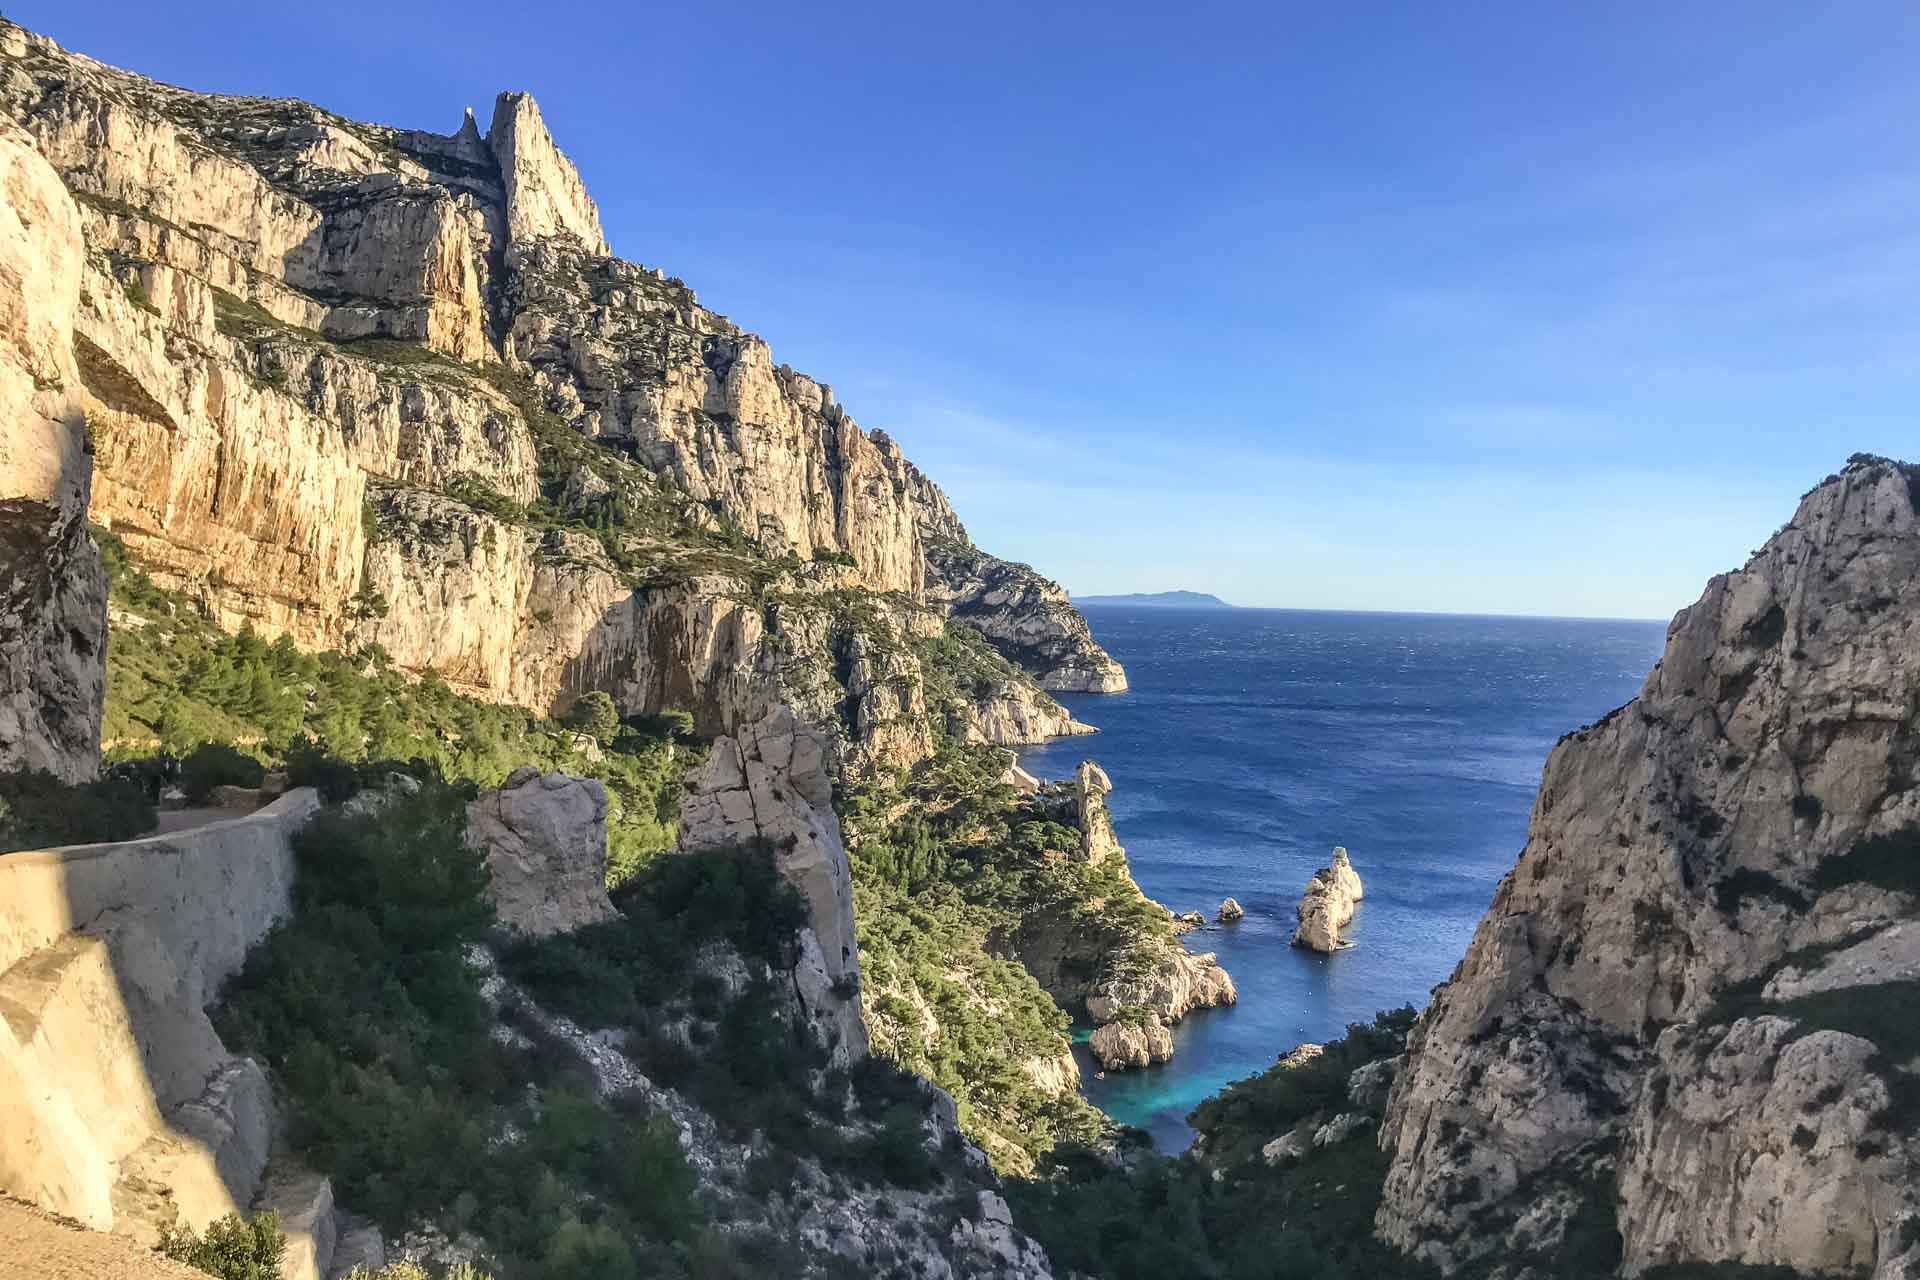 Sugiton's calanque - Marseille